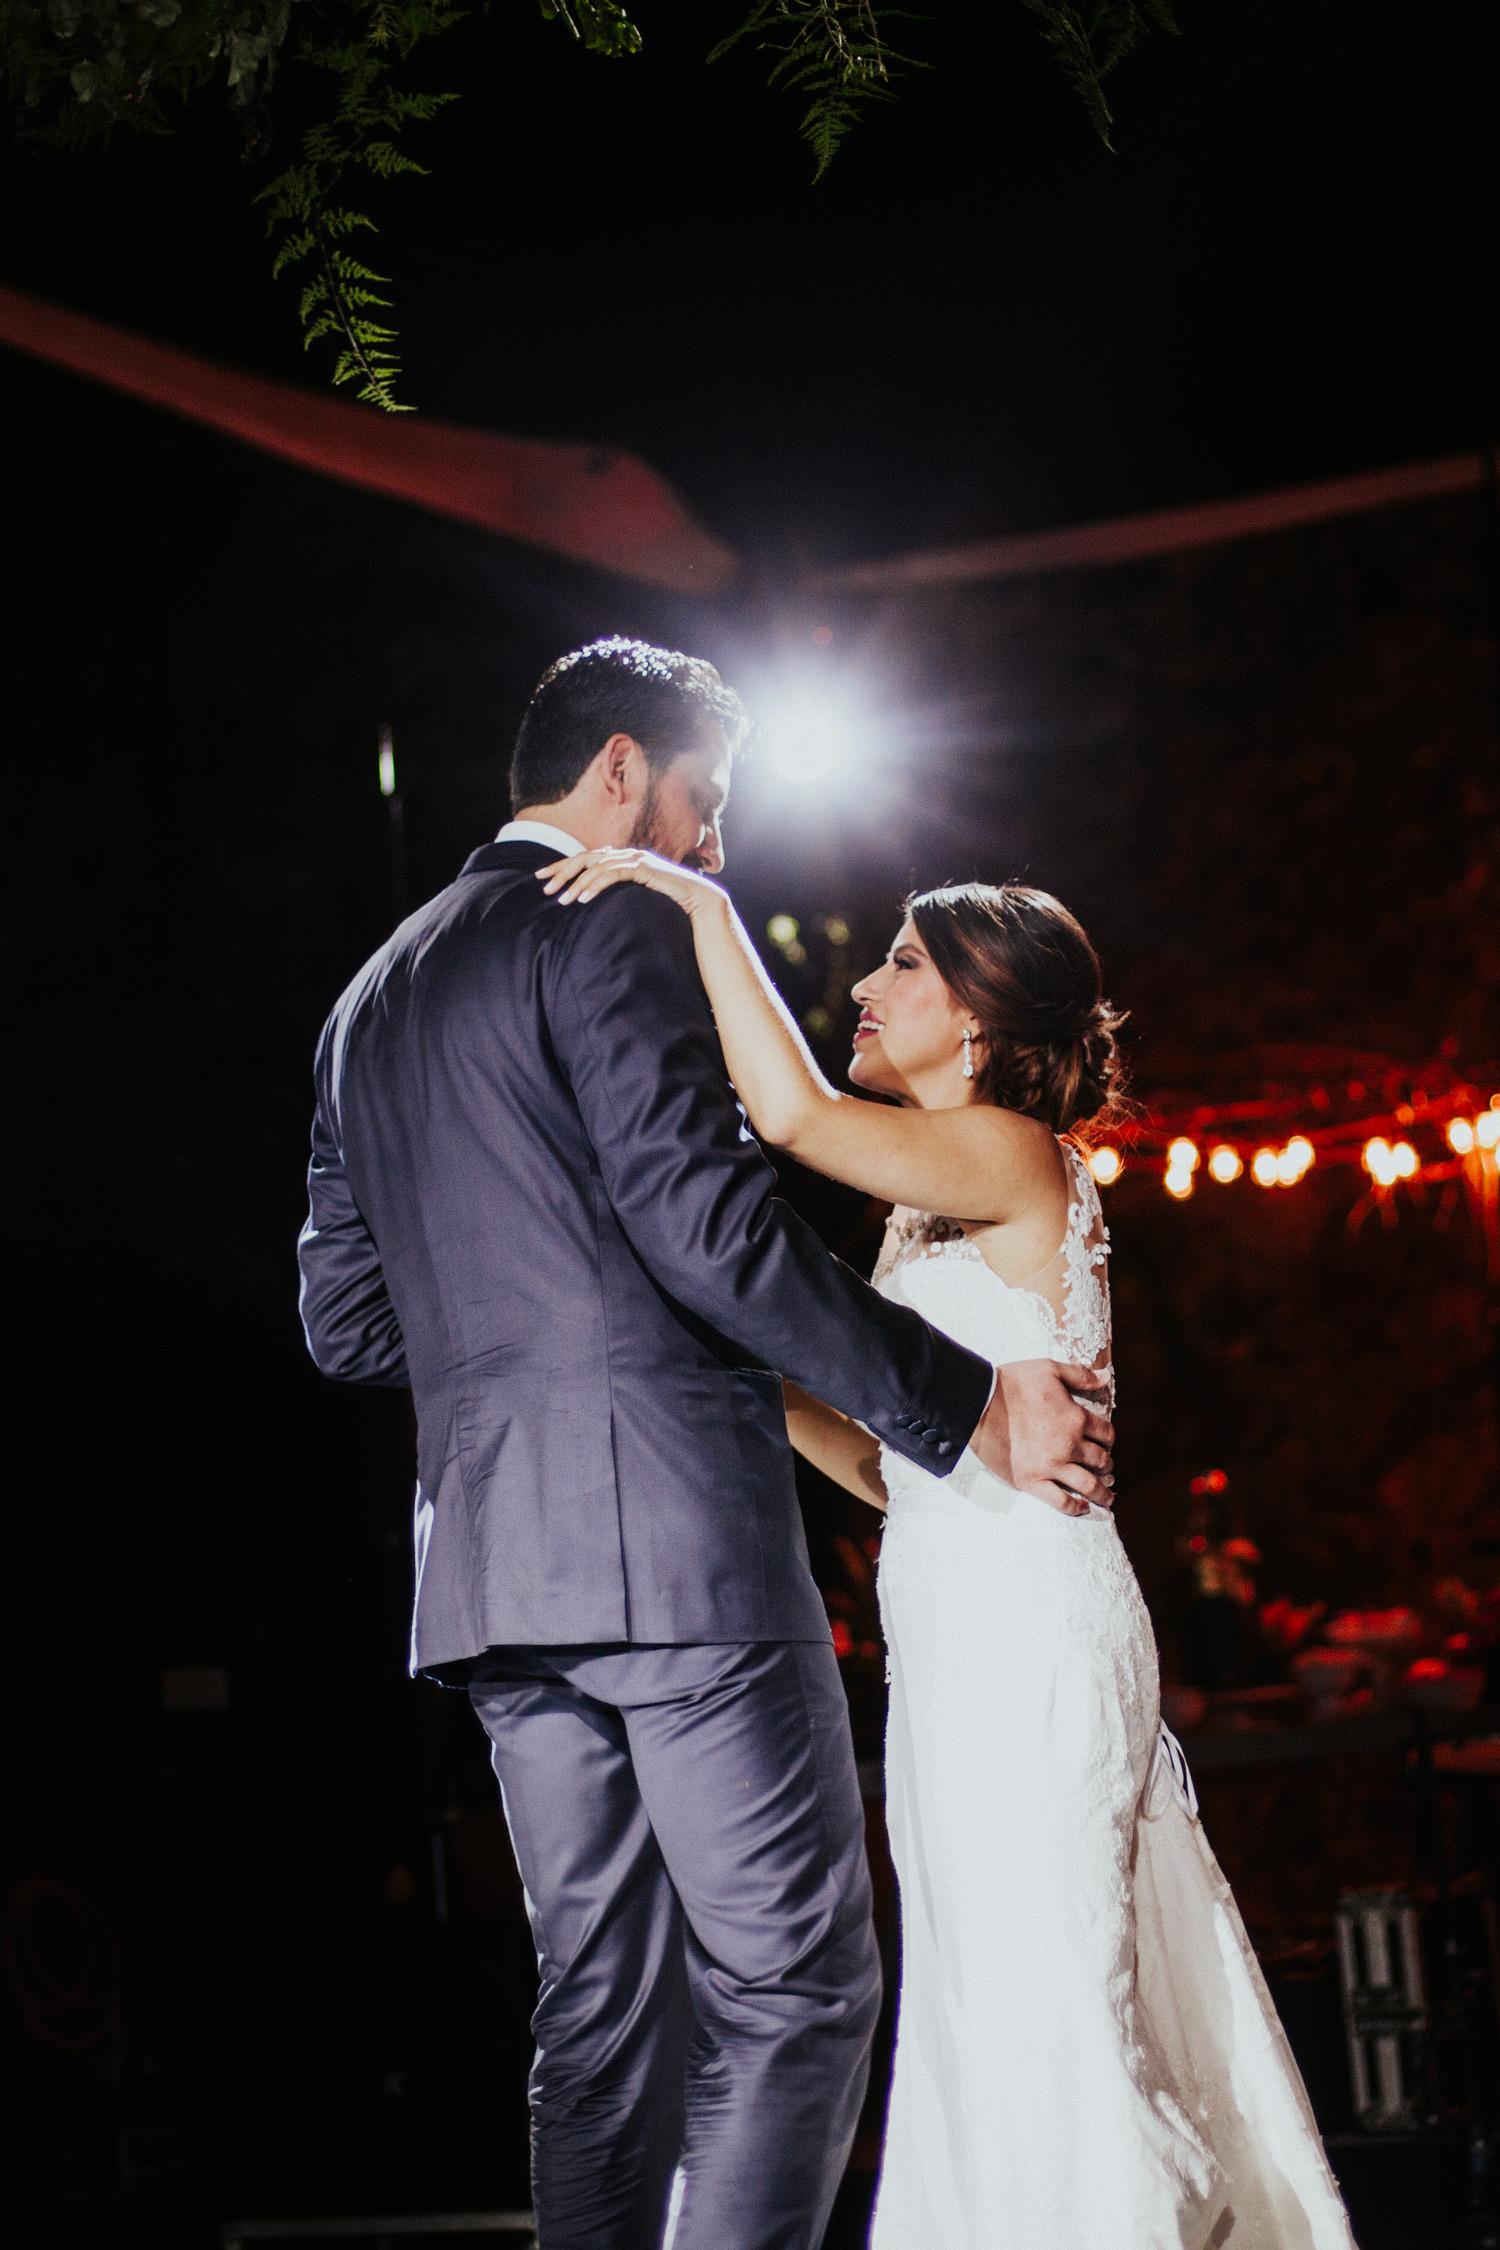 Boda-Guanajuato-Camino-de-Vinos-San-Miguel-Allende-Wedding-Fotografia-Paulina-Mauricio-Pierce0085.JPG